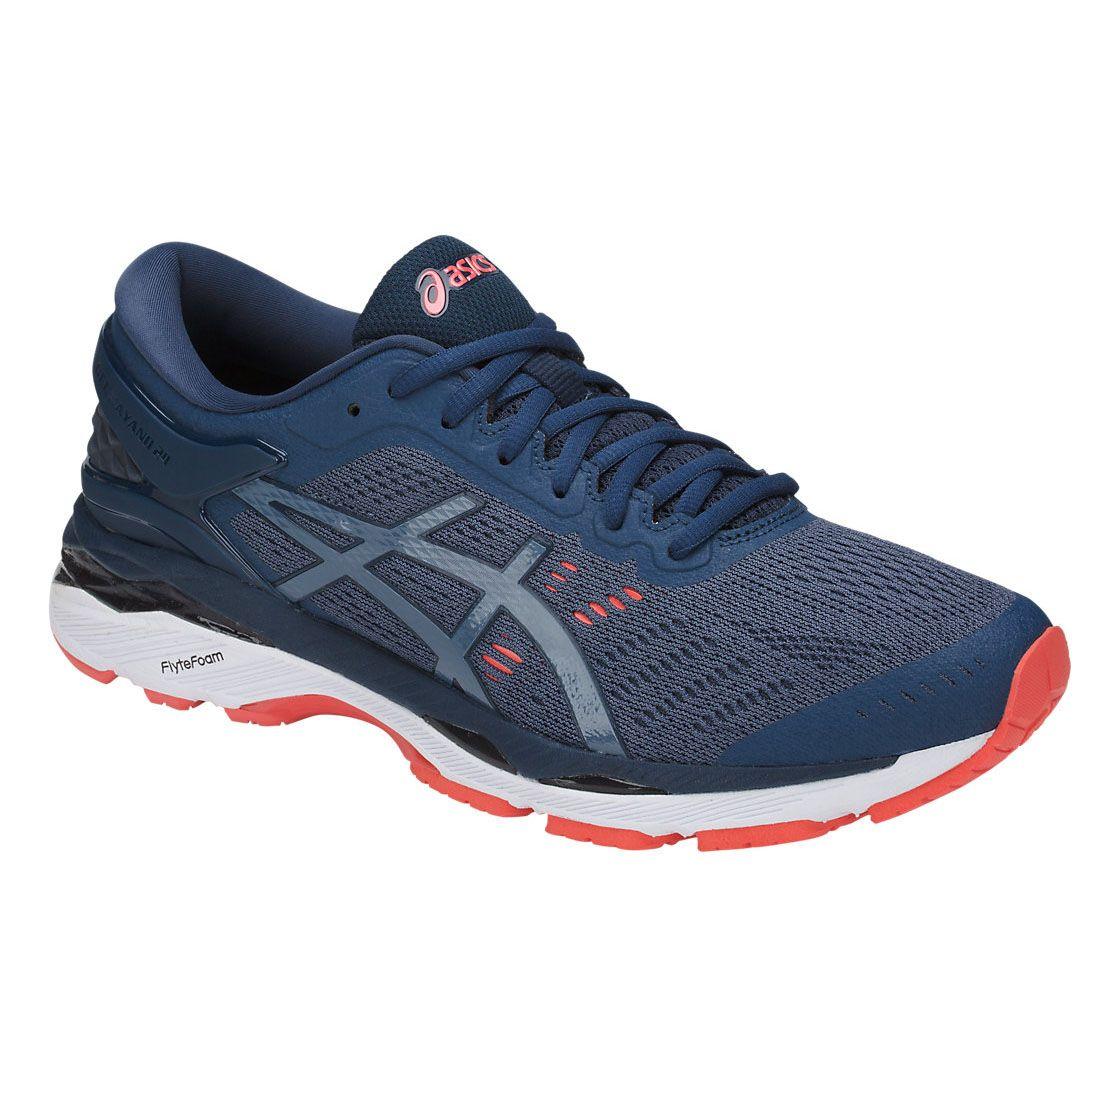 asics gel kayano 24 mens running shoes